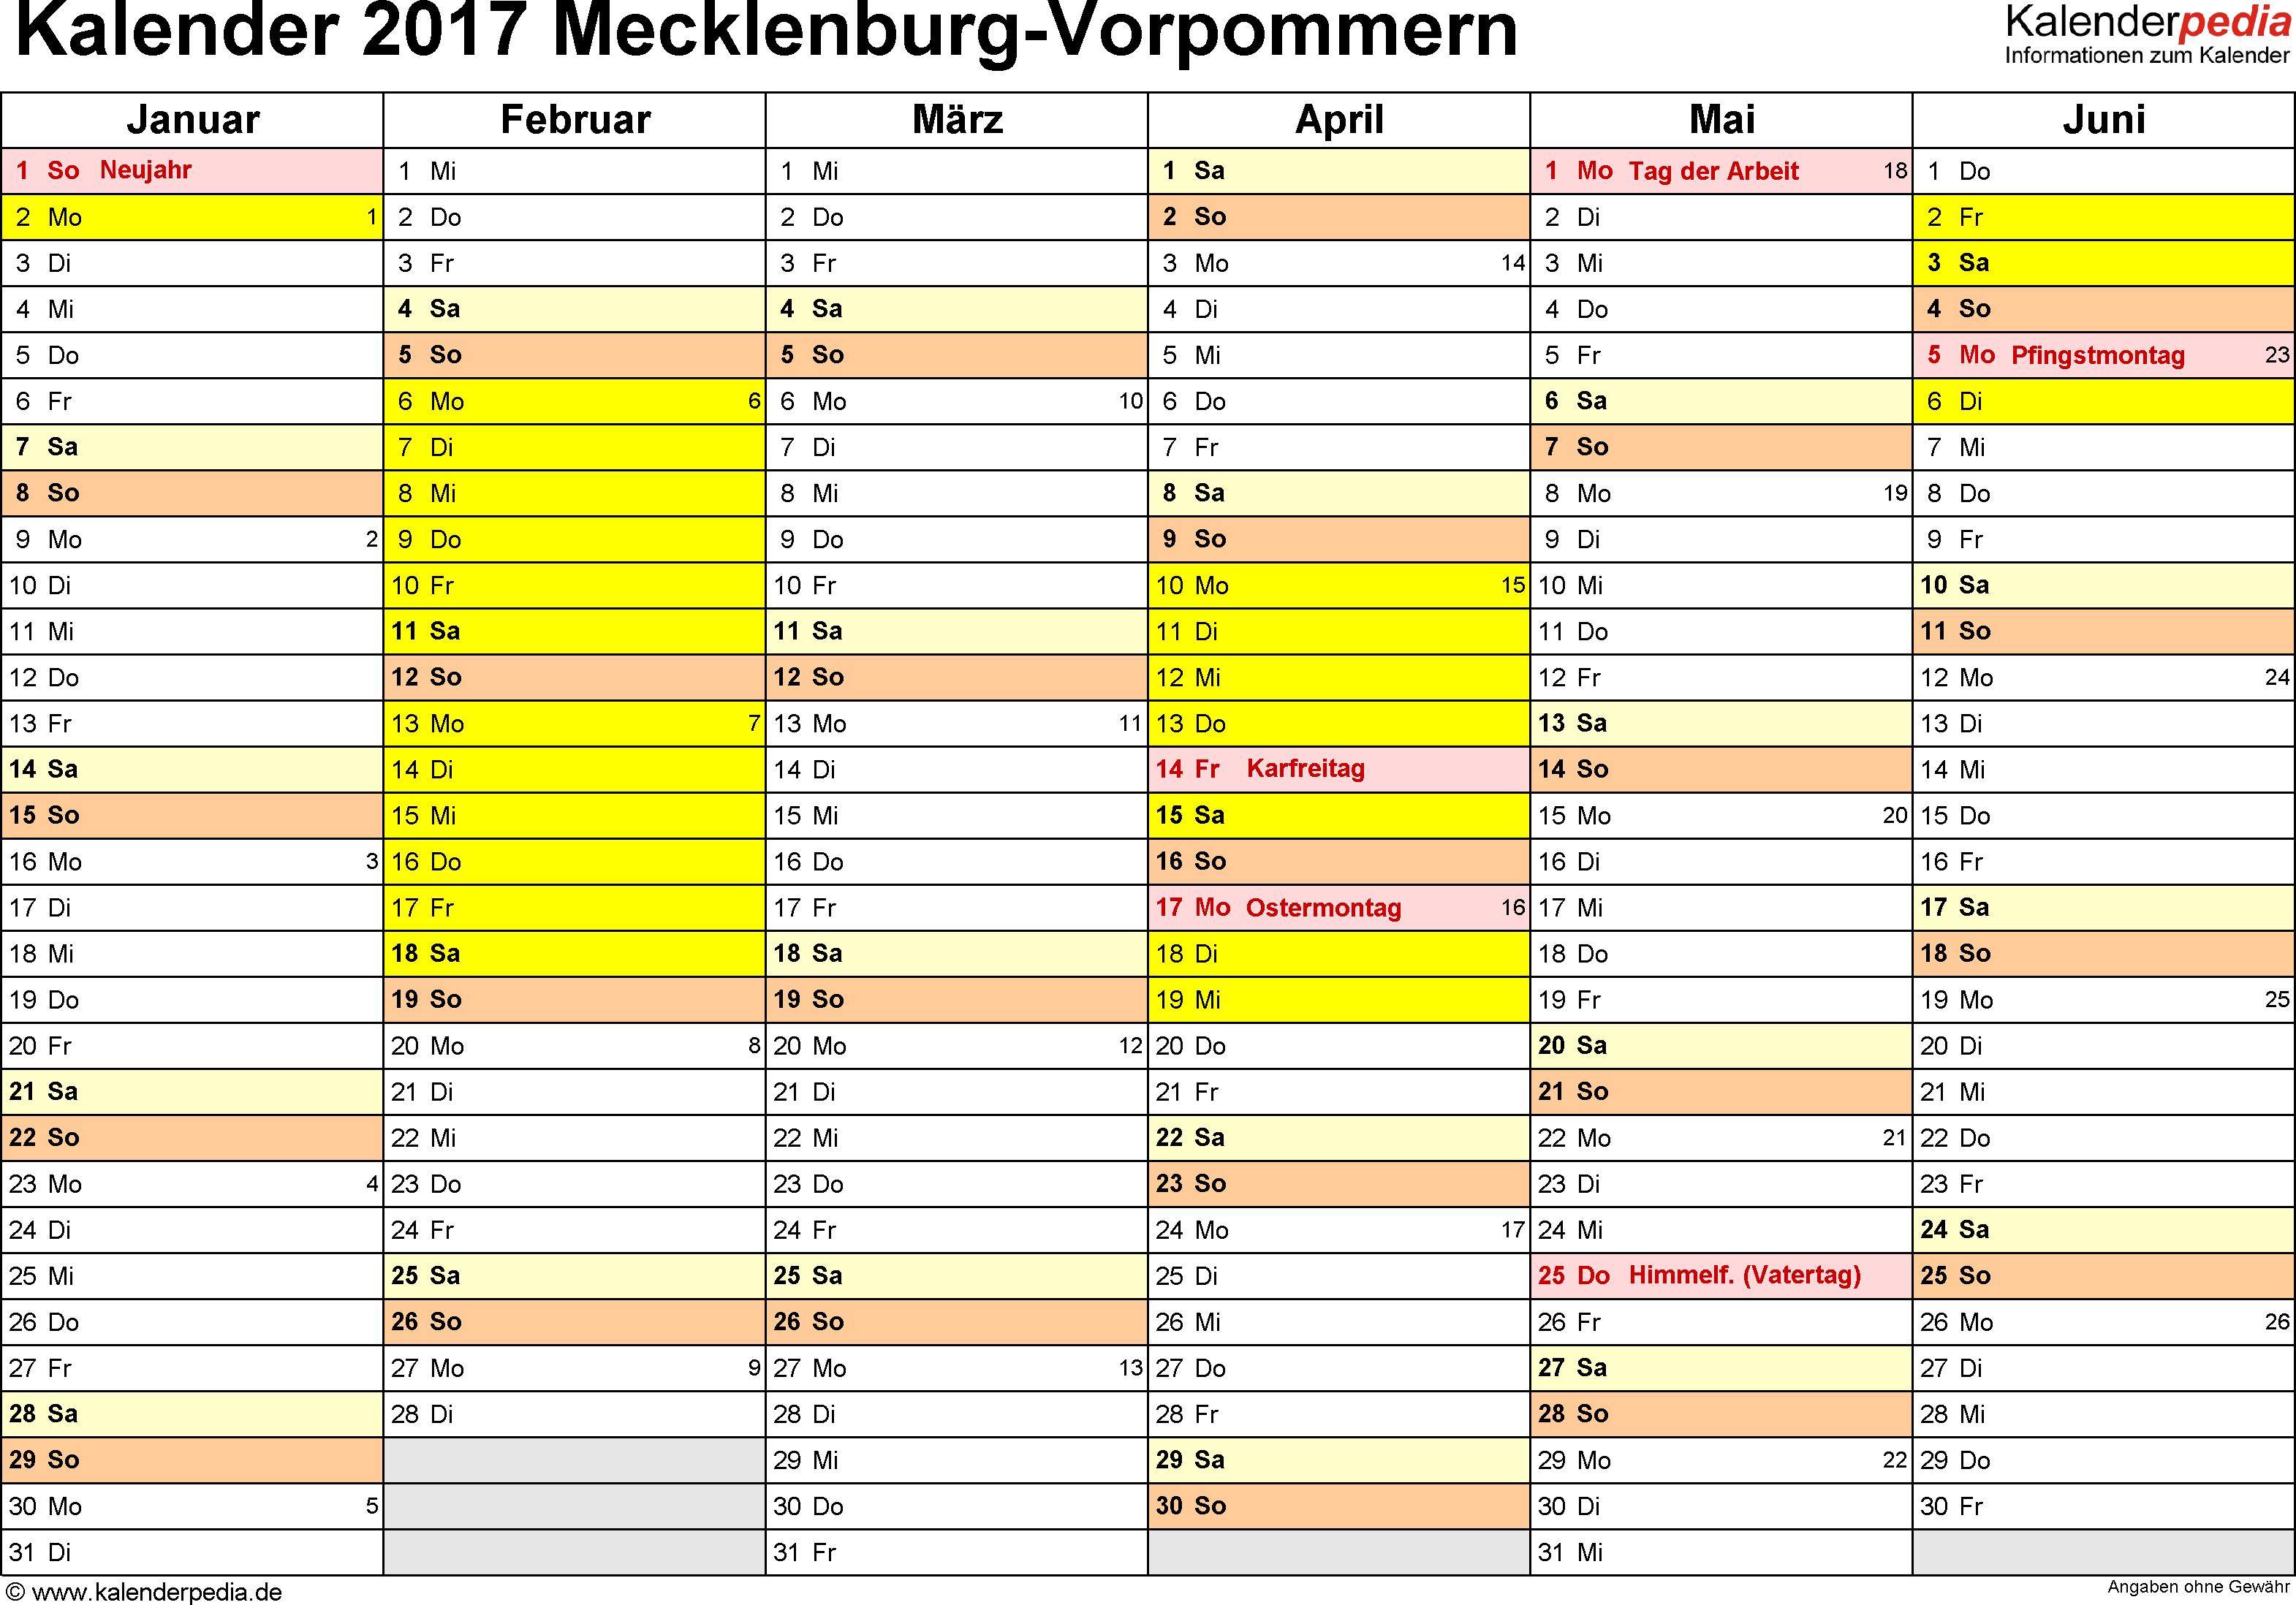 Vorlage 2: Kalender 2017 für Mecklenburg-Vorpommern als Word-Vorlage (Querformat, 2 Seiten)